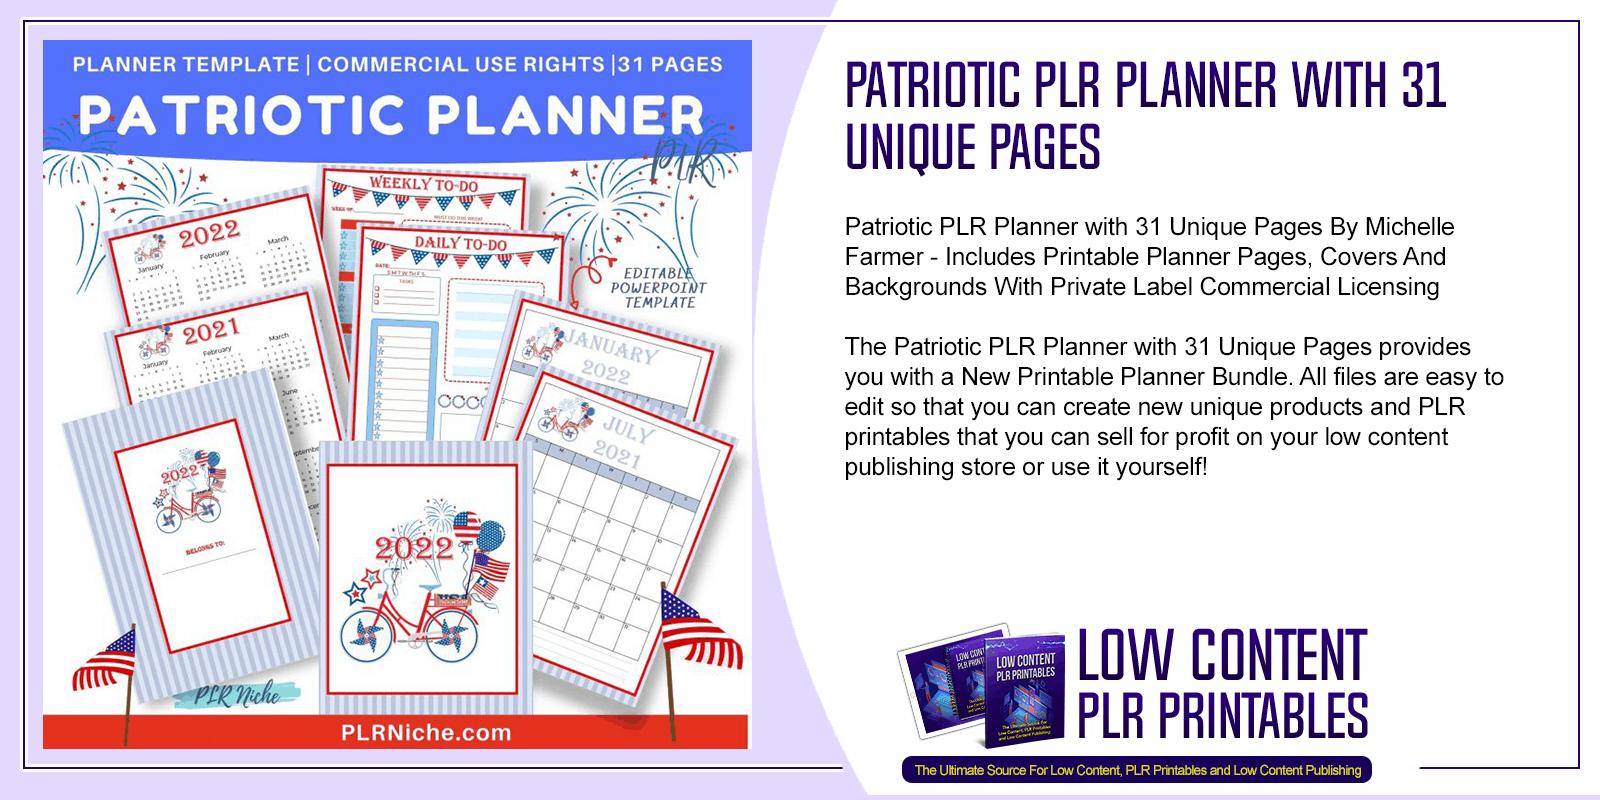 Patriotic PLR Planner with 31 Unique Pages